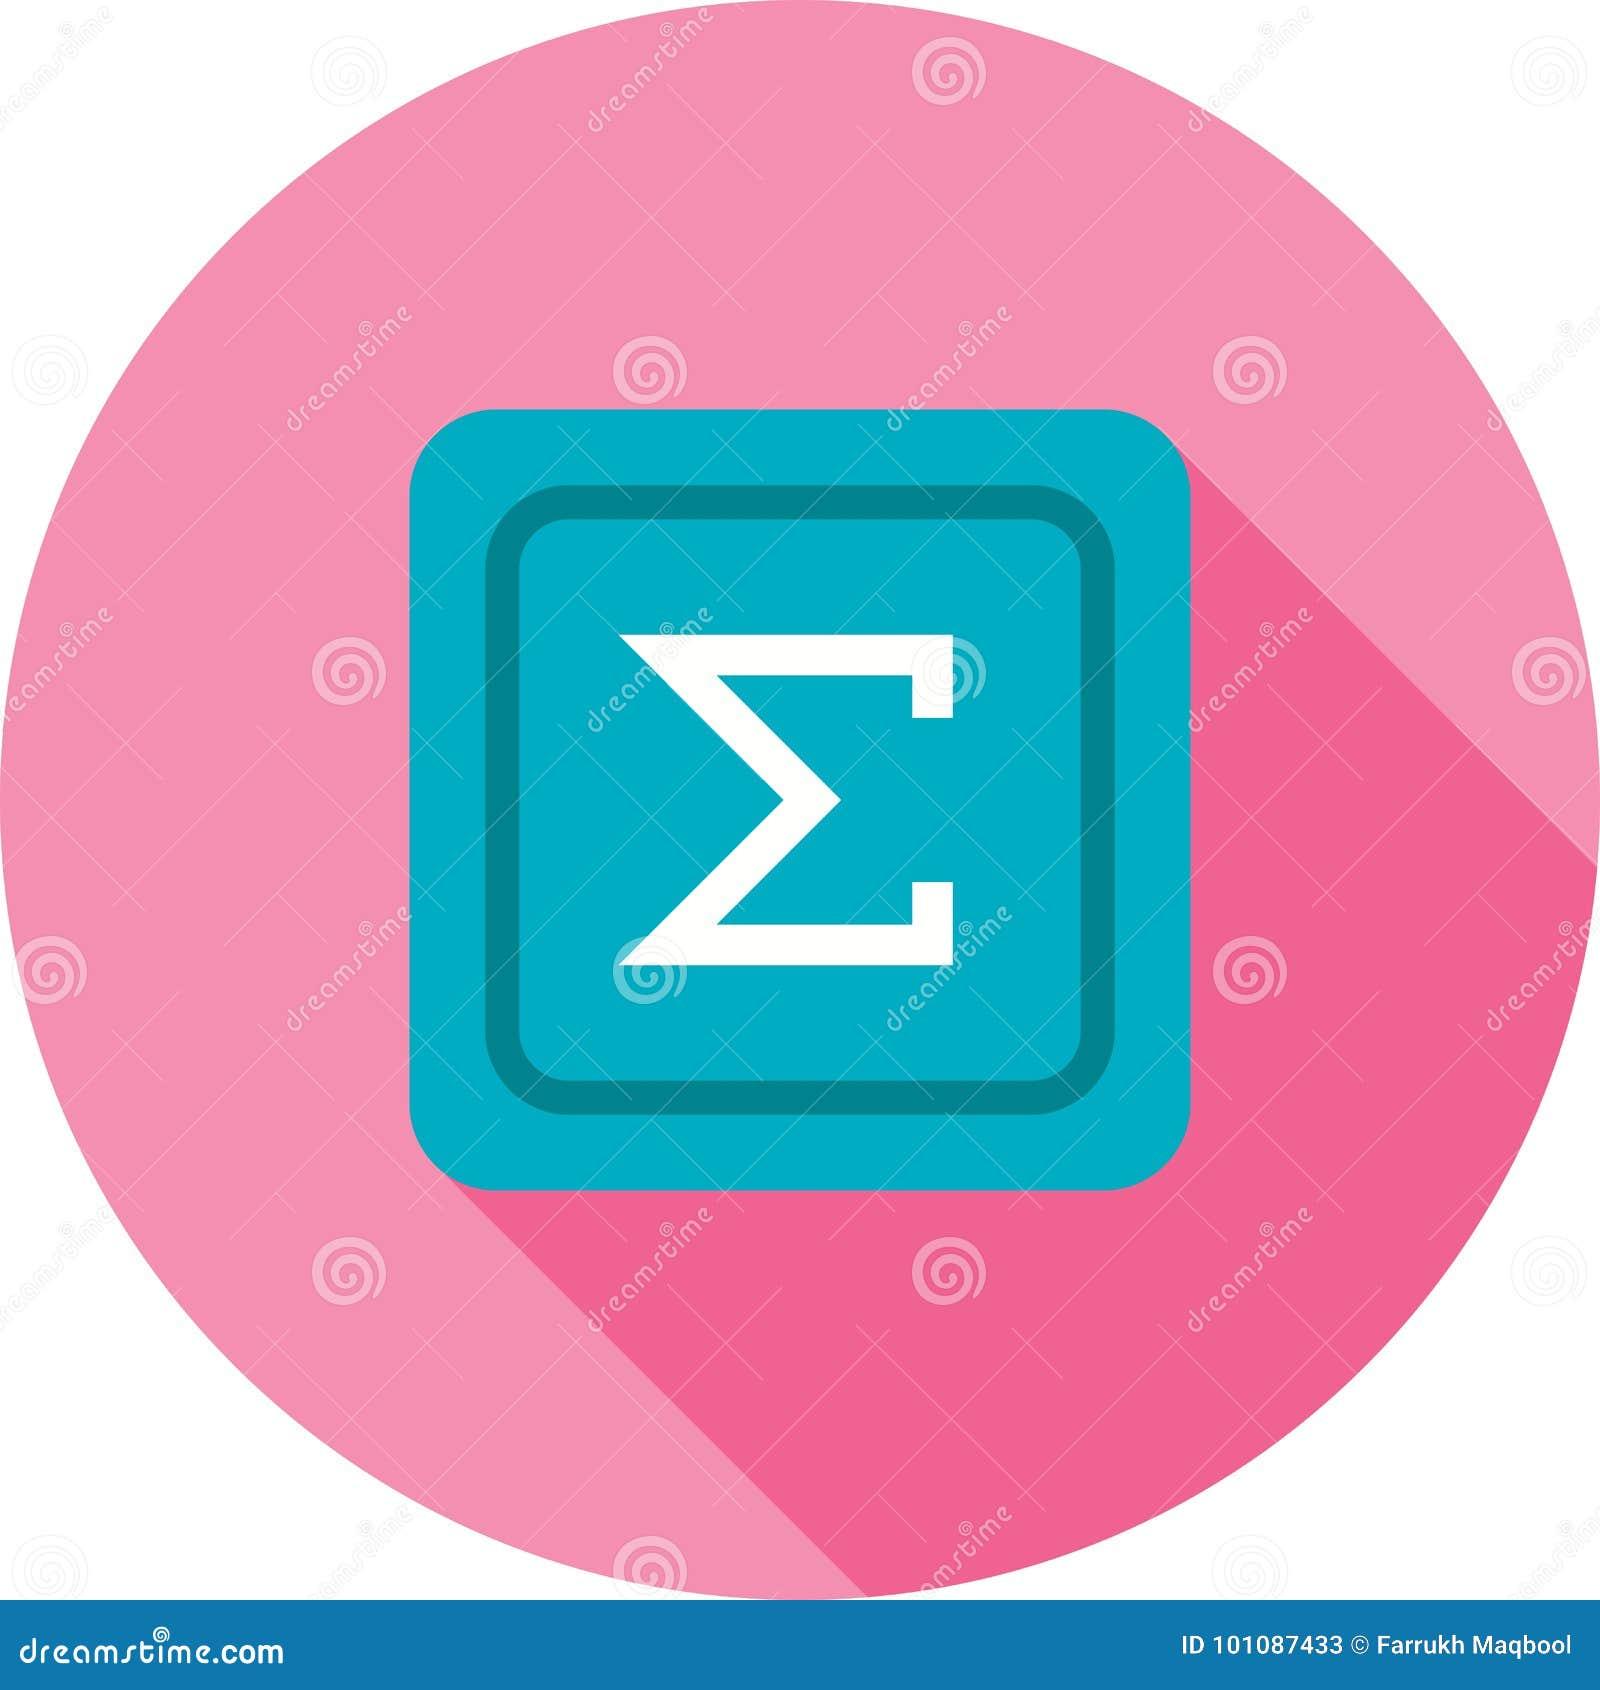 Summation Symbol Stock Vector Illustration Of Statistics 101087433